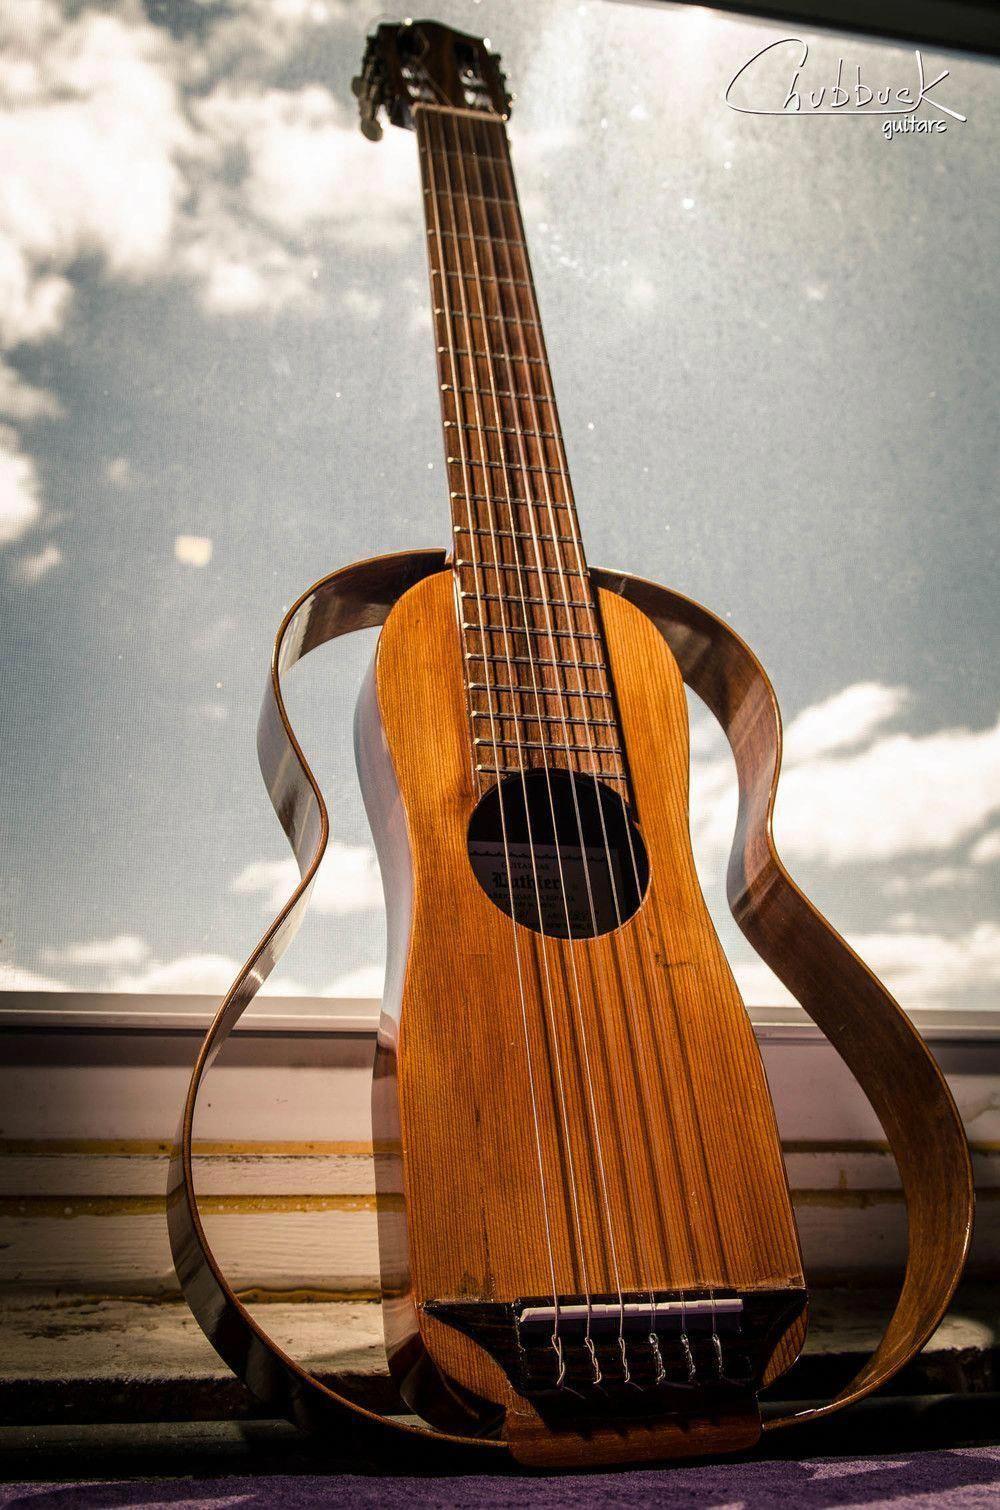 18 Fantastic Travel Guitar Washburn Travel Guitar Backpack Guitaristsofinstagram Guitardaily Travelguitar Acoustic Guitar Guitar Learn Acoustic Guitar